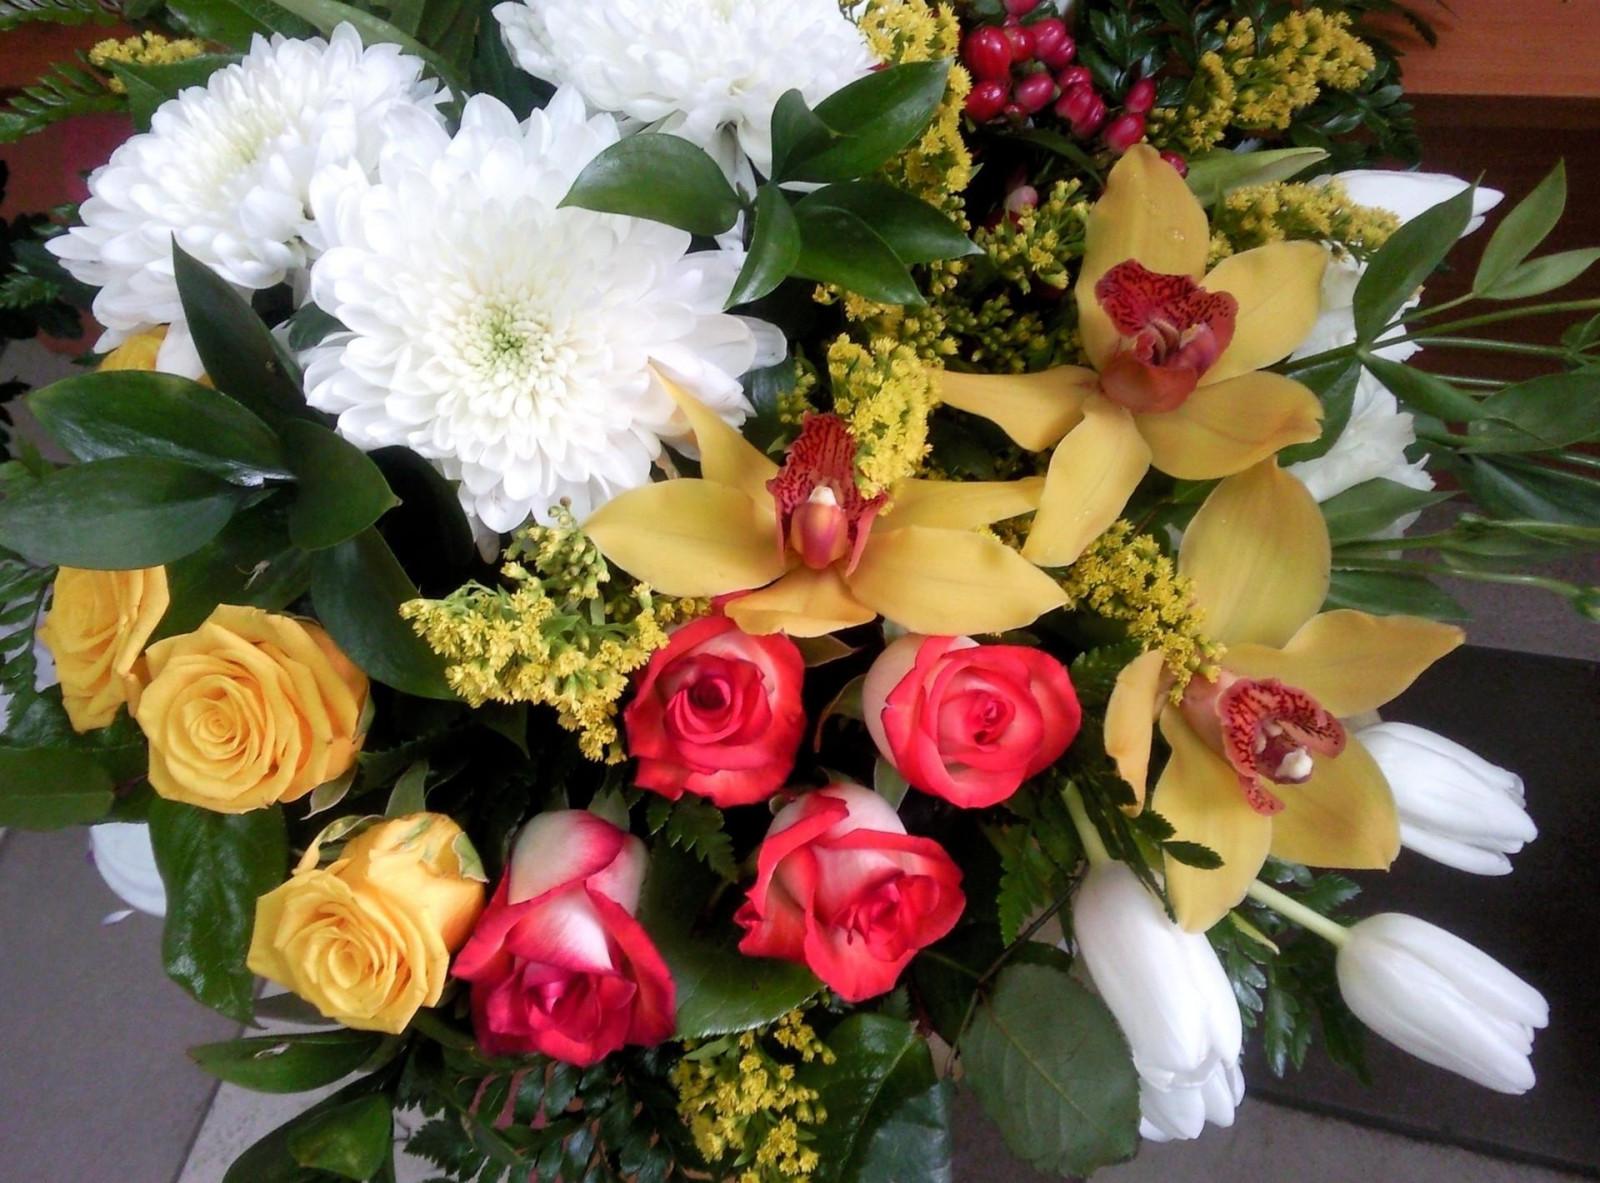 фасада тюльпаны розы орхидеи фото макияжи, которые покидают